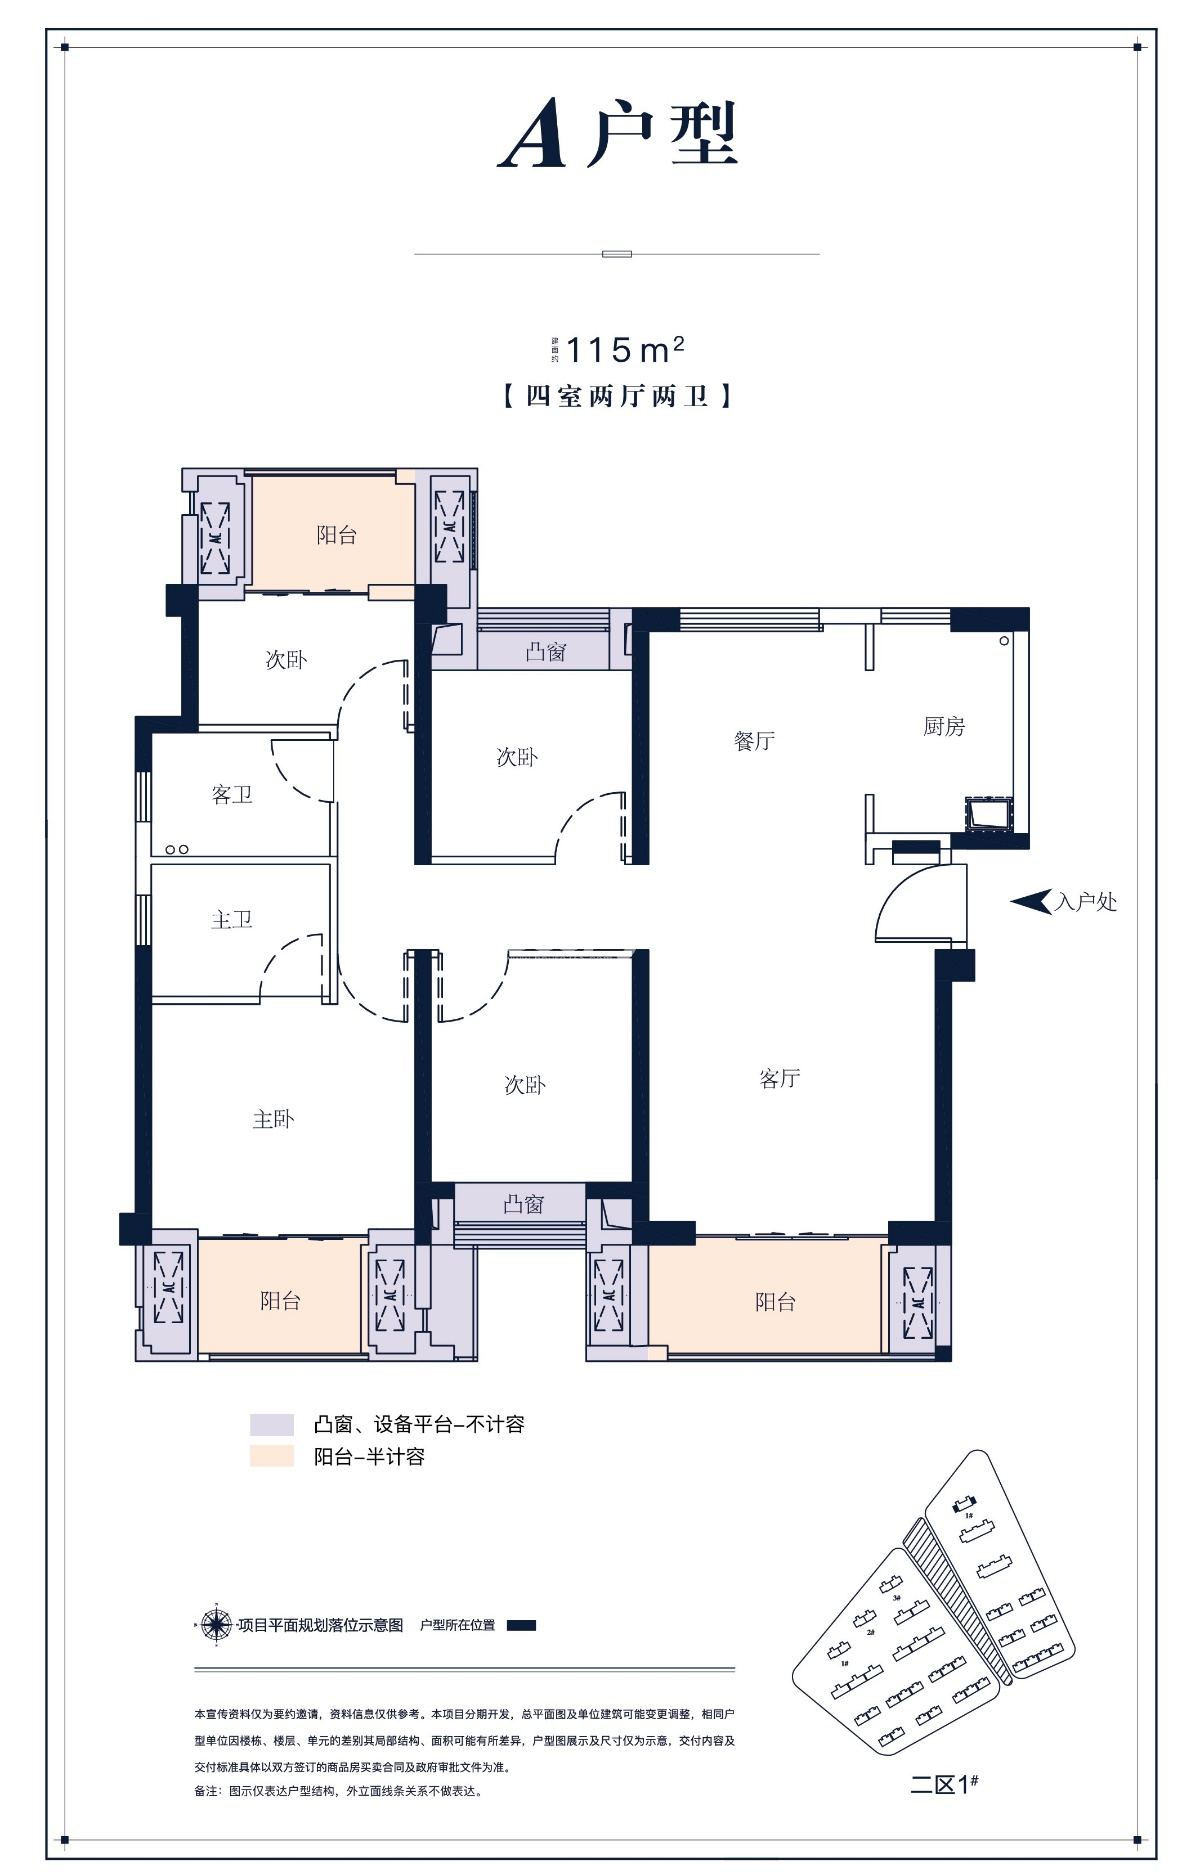 中海锦江城户型图